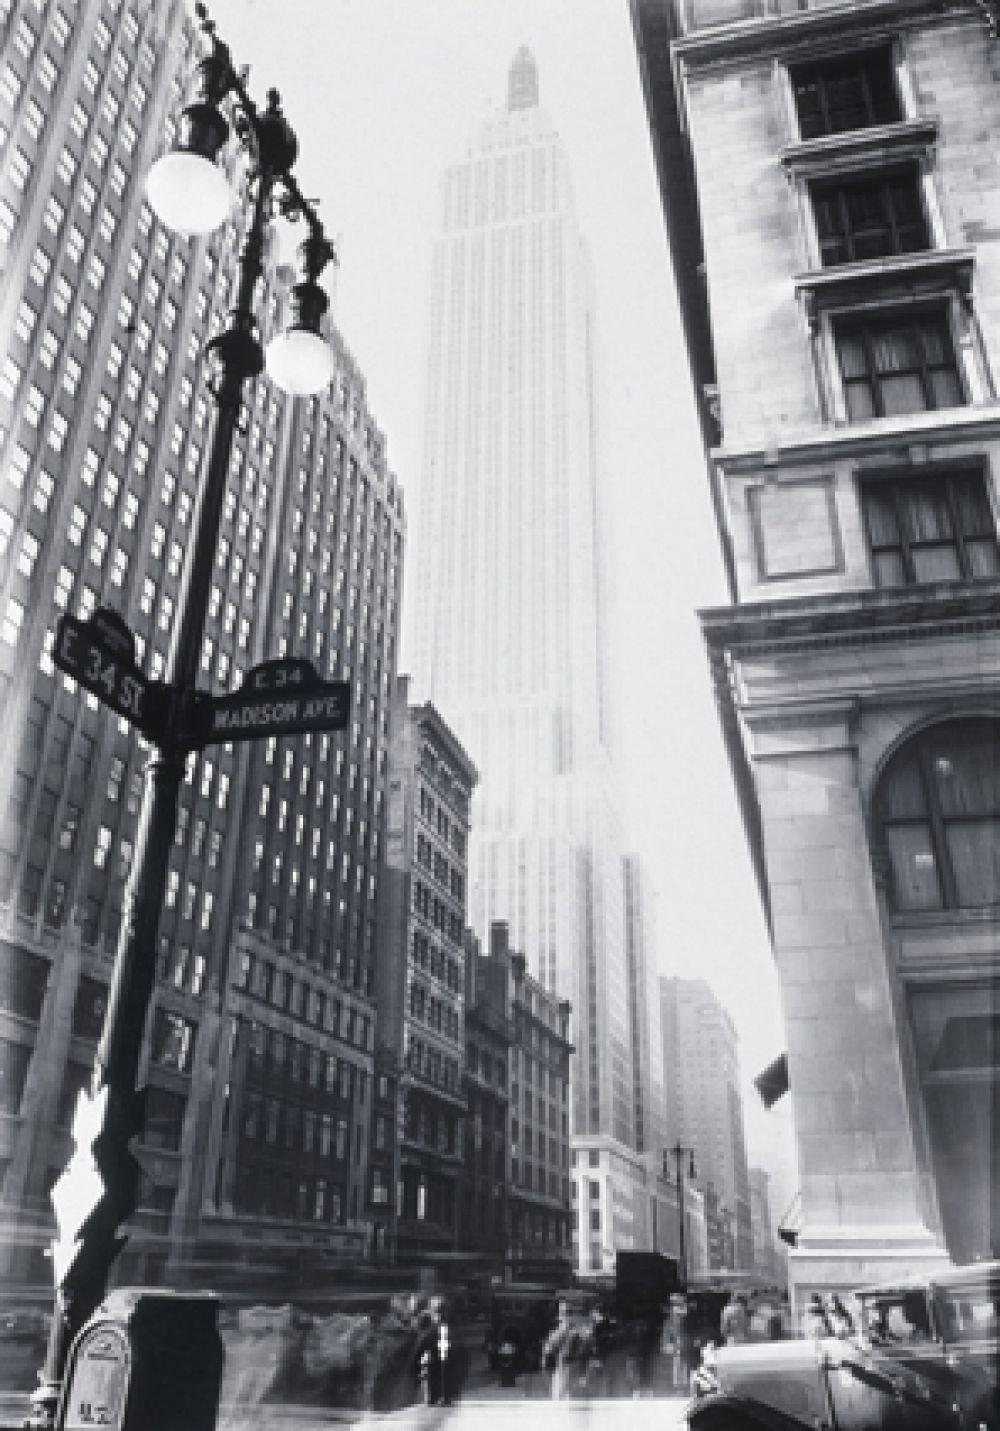 Официальное открытие состоялось 1 мая 1931 года, когда президент США Герберт Гувер включил освещение здания, нажав на кнопку в Вашингтоне.